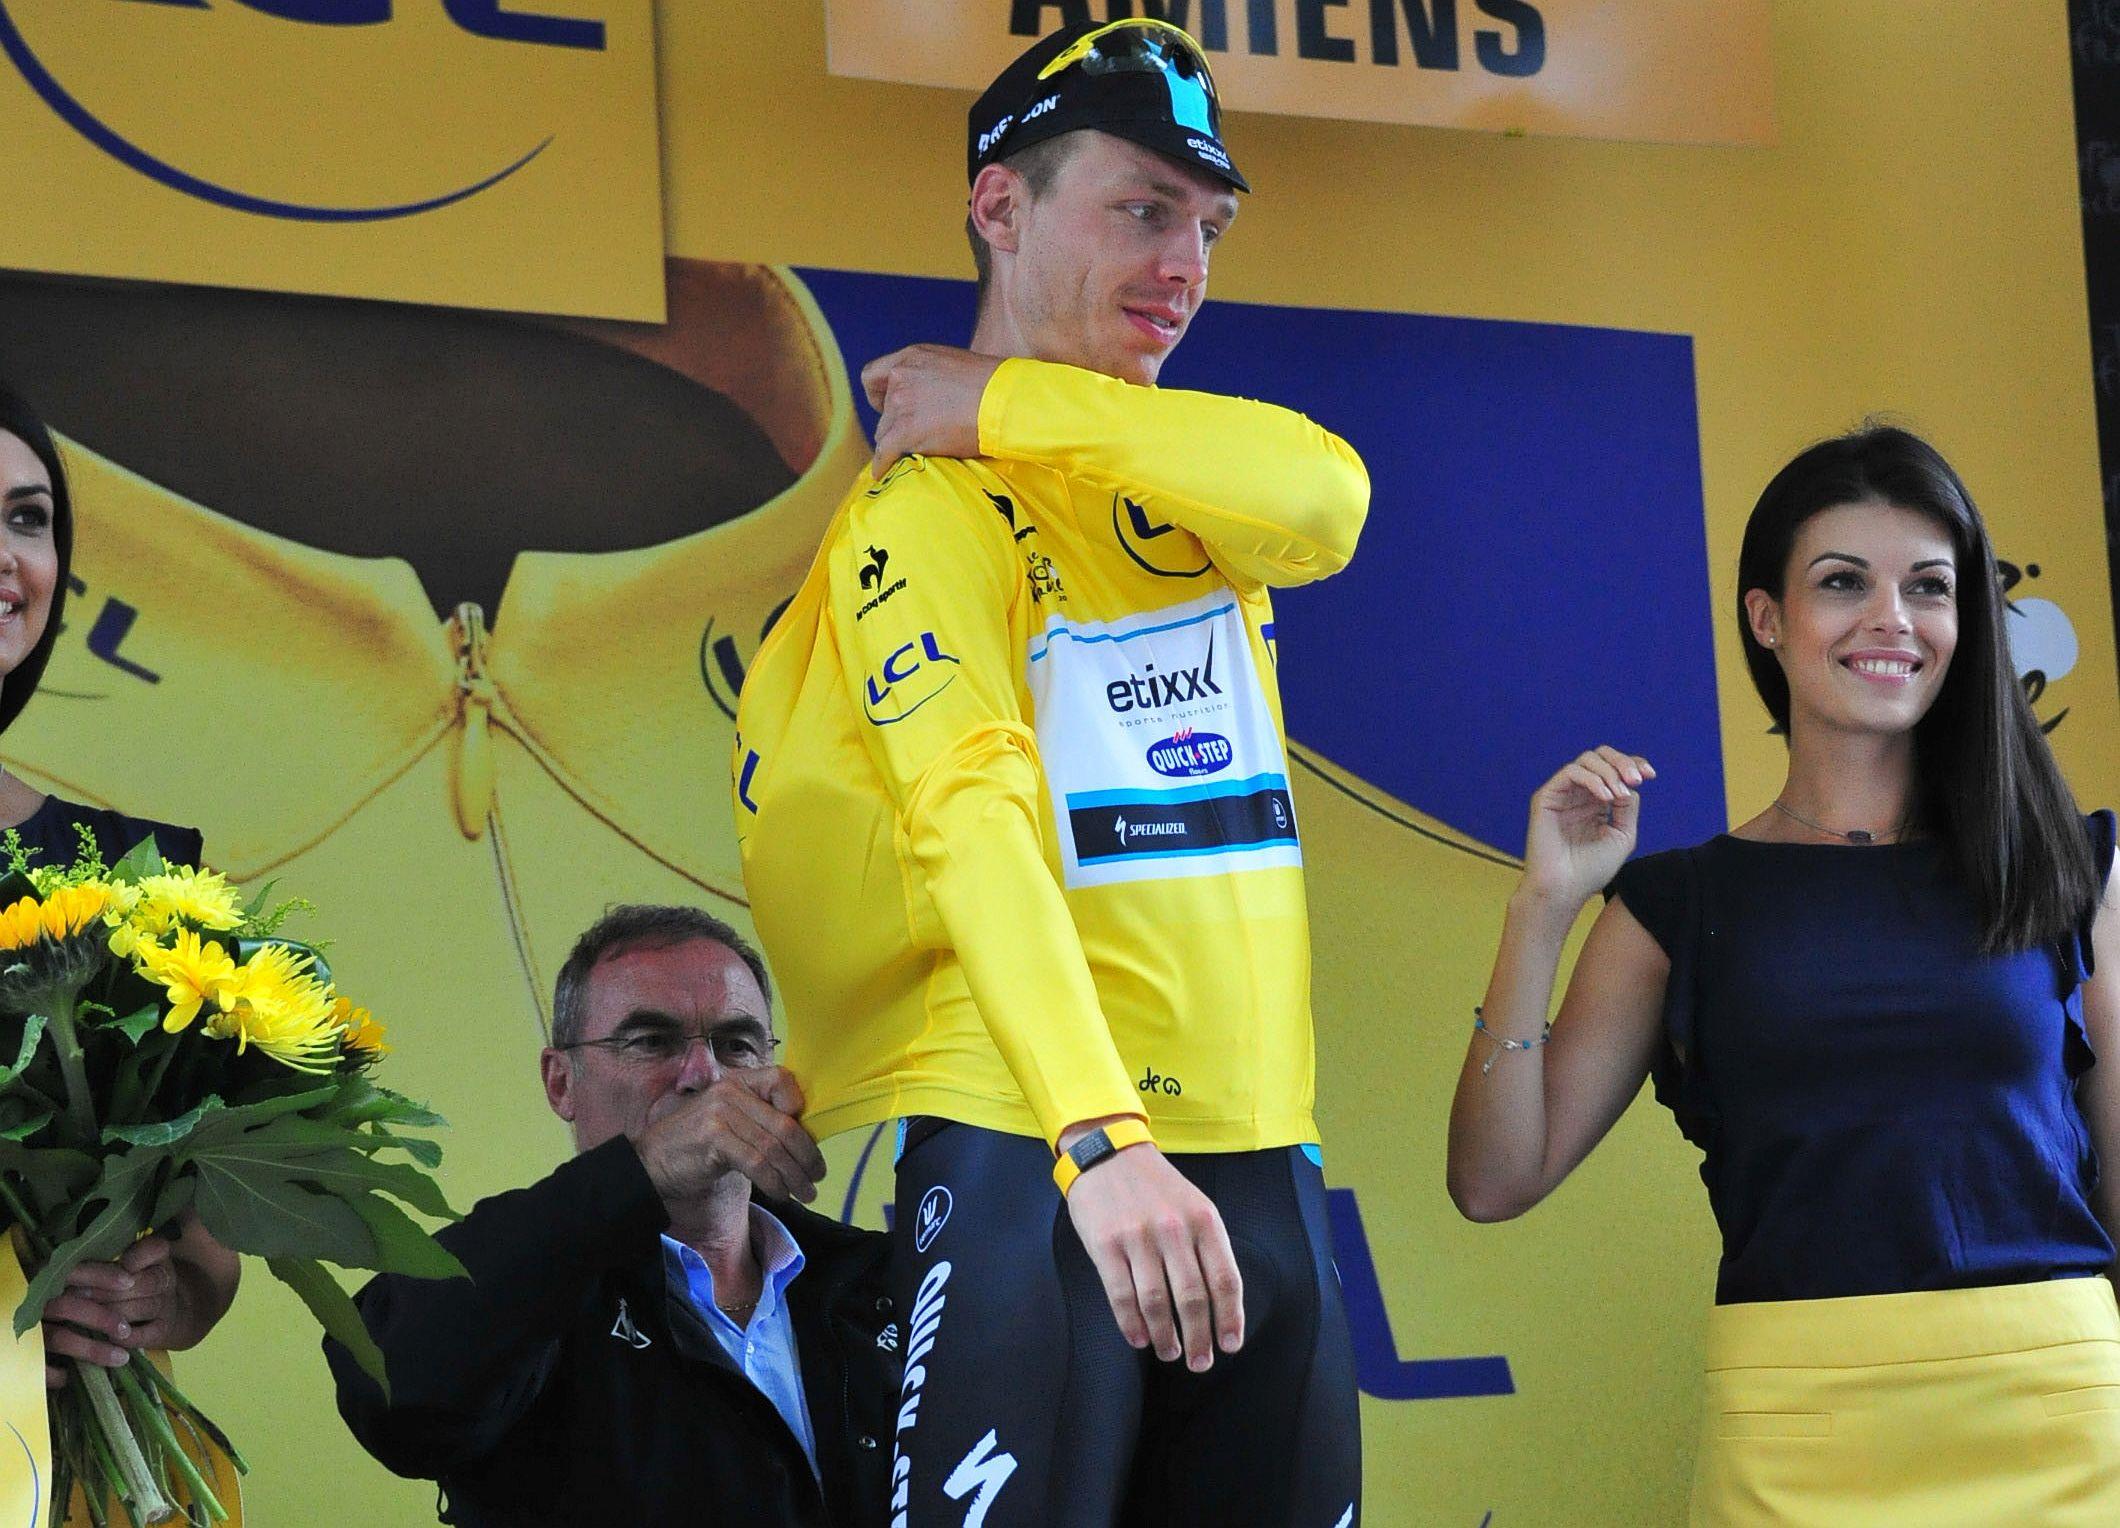 Tony Martin lehet utoljára húzta fel ma a sárgát? (Fotó: Stefano Sirotti)